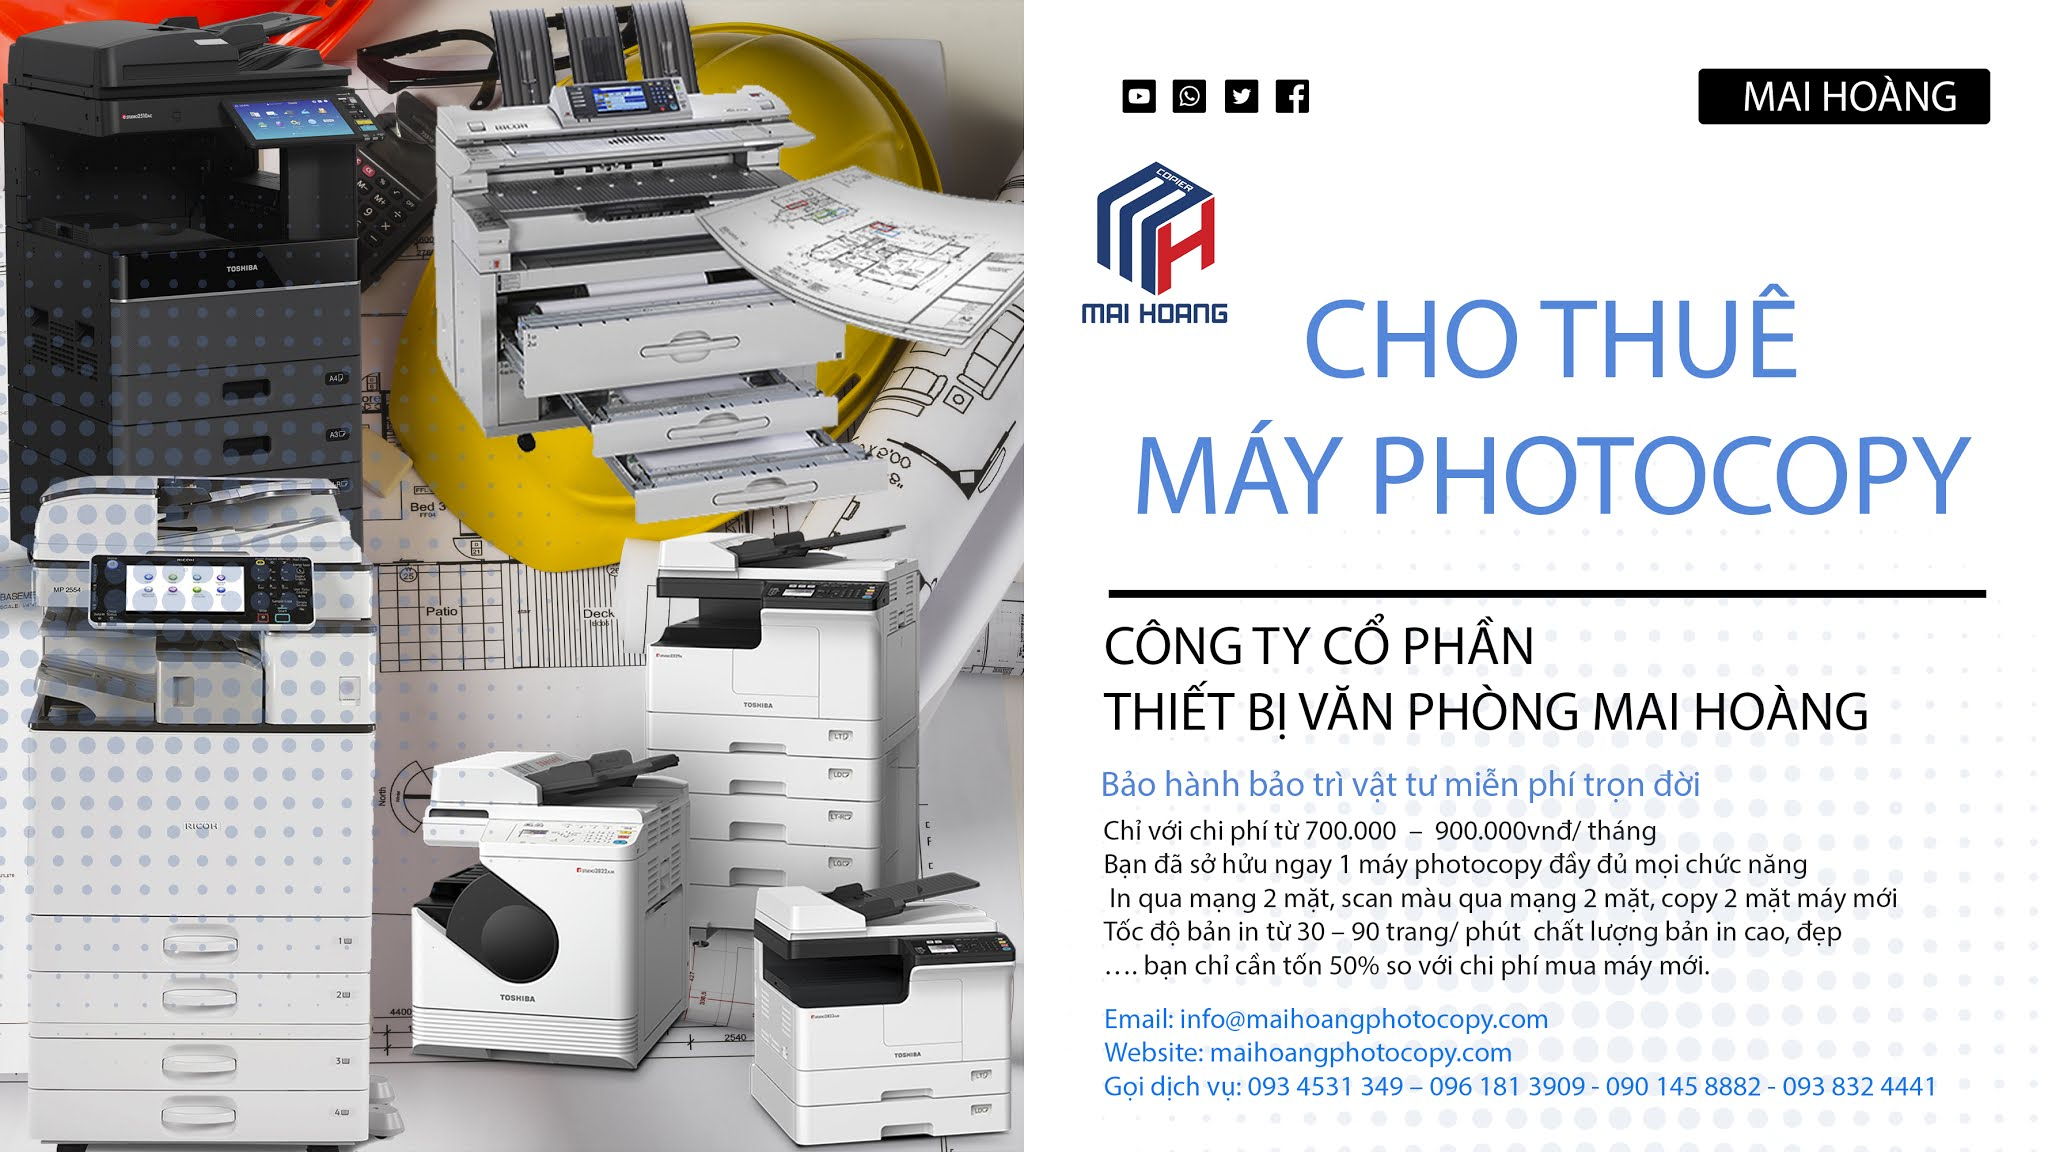 Cho thuê máy photocopy - Mai Hoàng photocopy D%25E1%25BB%258Bch-v%25E1%25BB%25A5-cho-thu%25C3%25AA-m%25C3%25A1y-photocopy-mai-ho%25C3%25A0ng